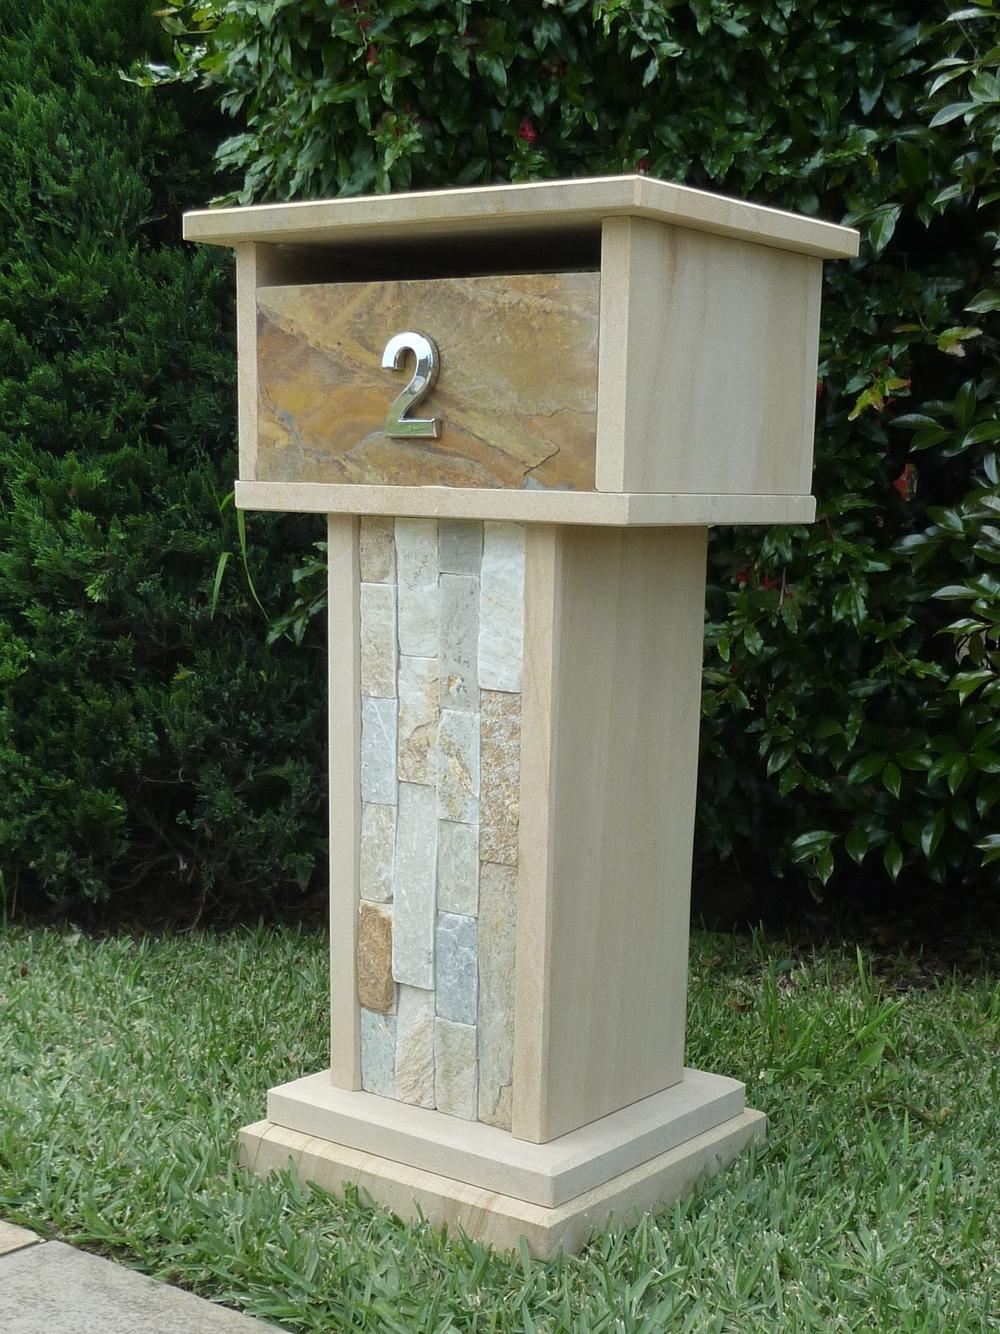 010  sandstone stacker combination aluminium door with 2 keys. size 400x300x850mm .JPG